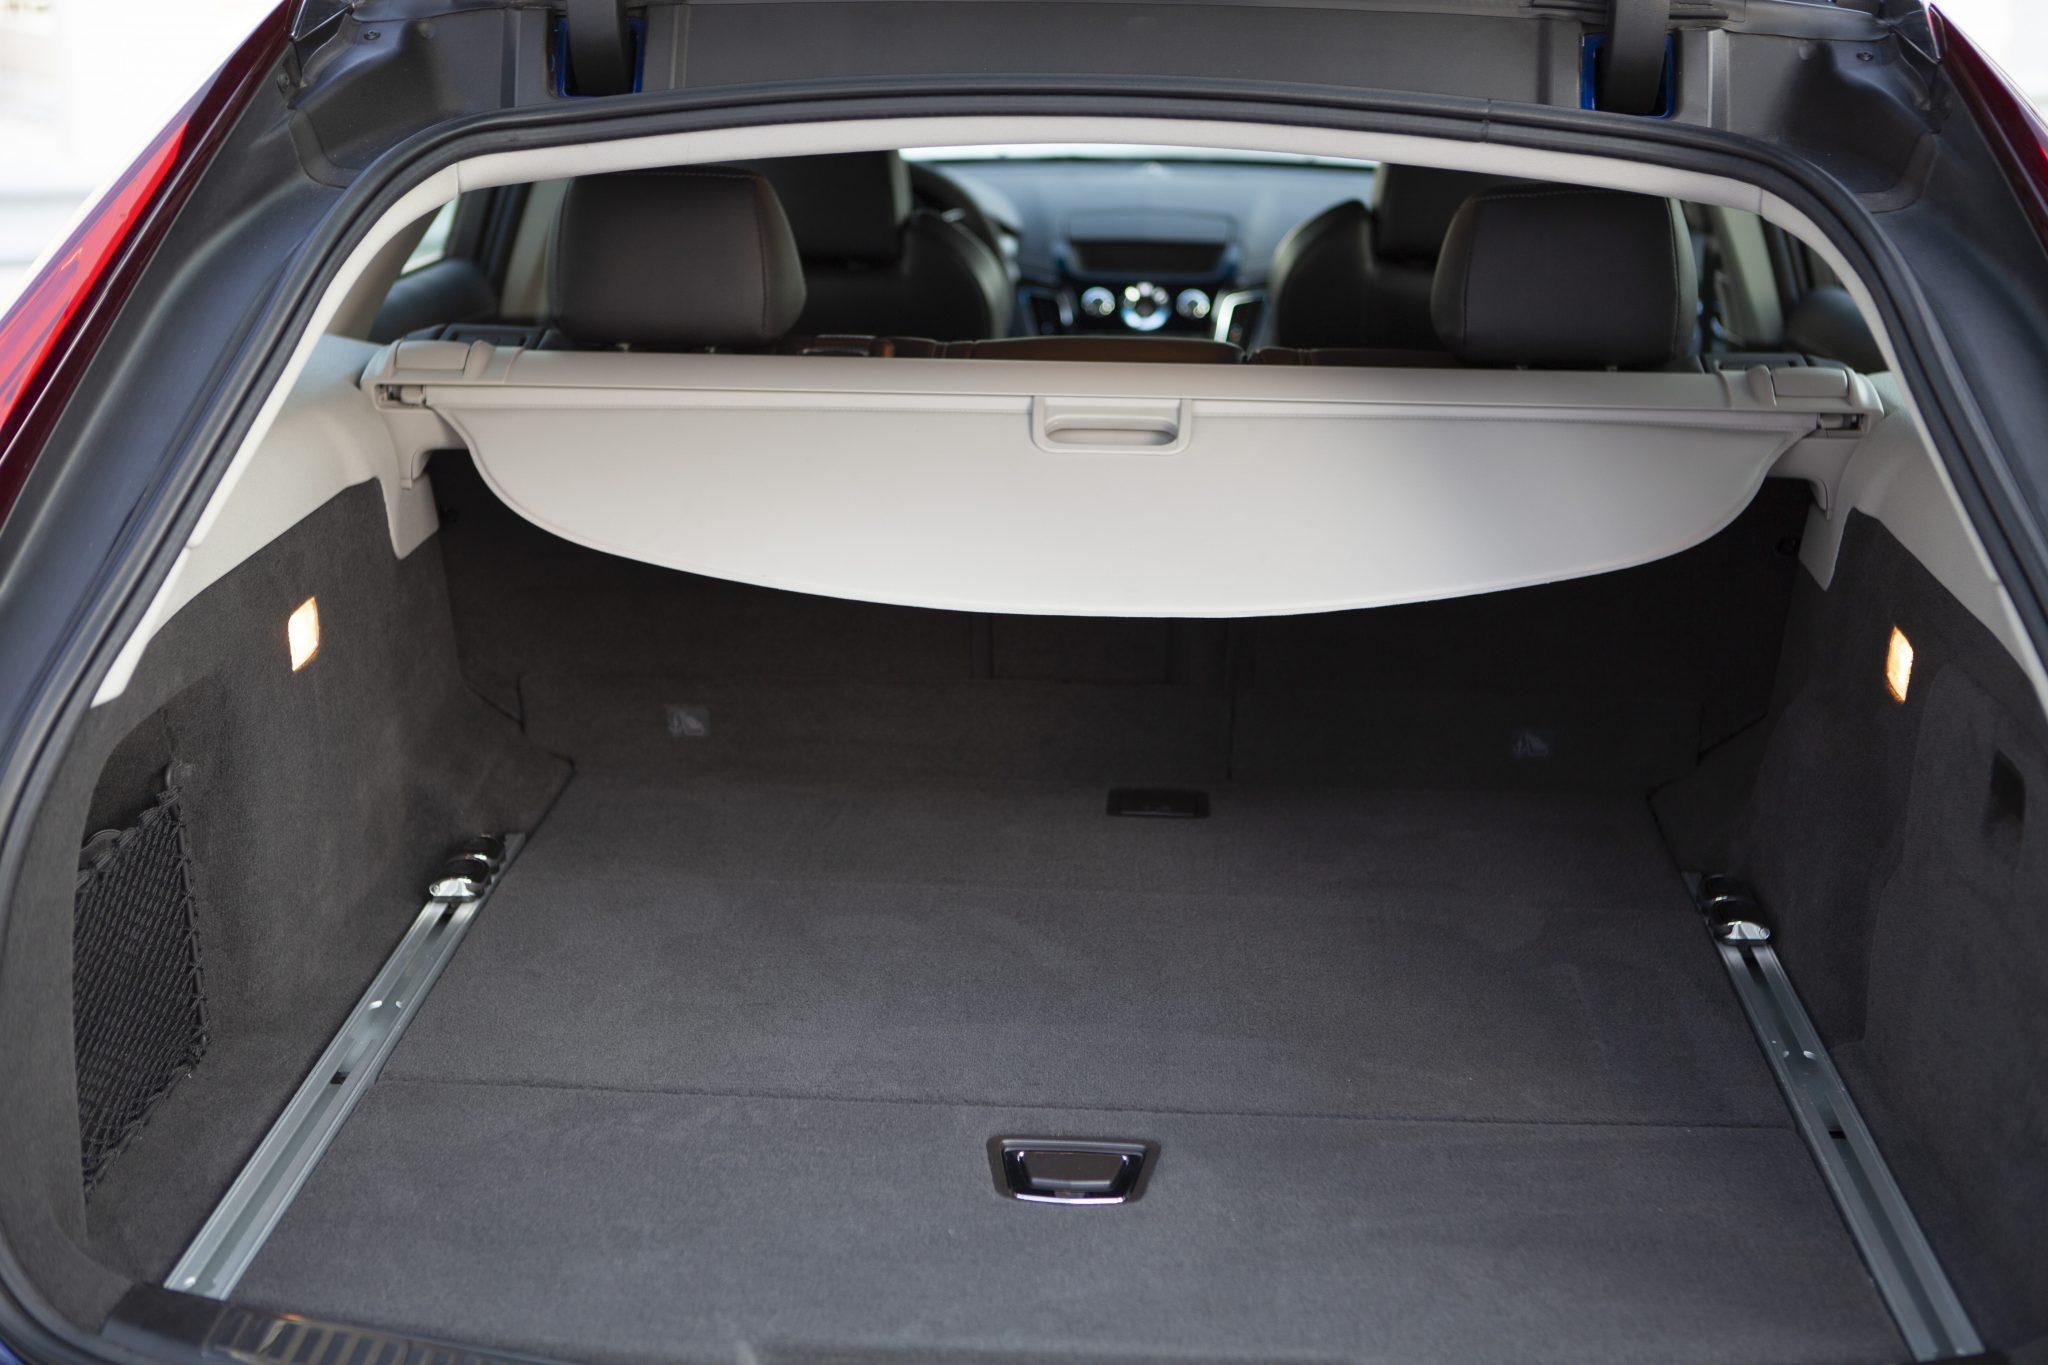 2012 Cadillac CTS-V Wagon rear cargo